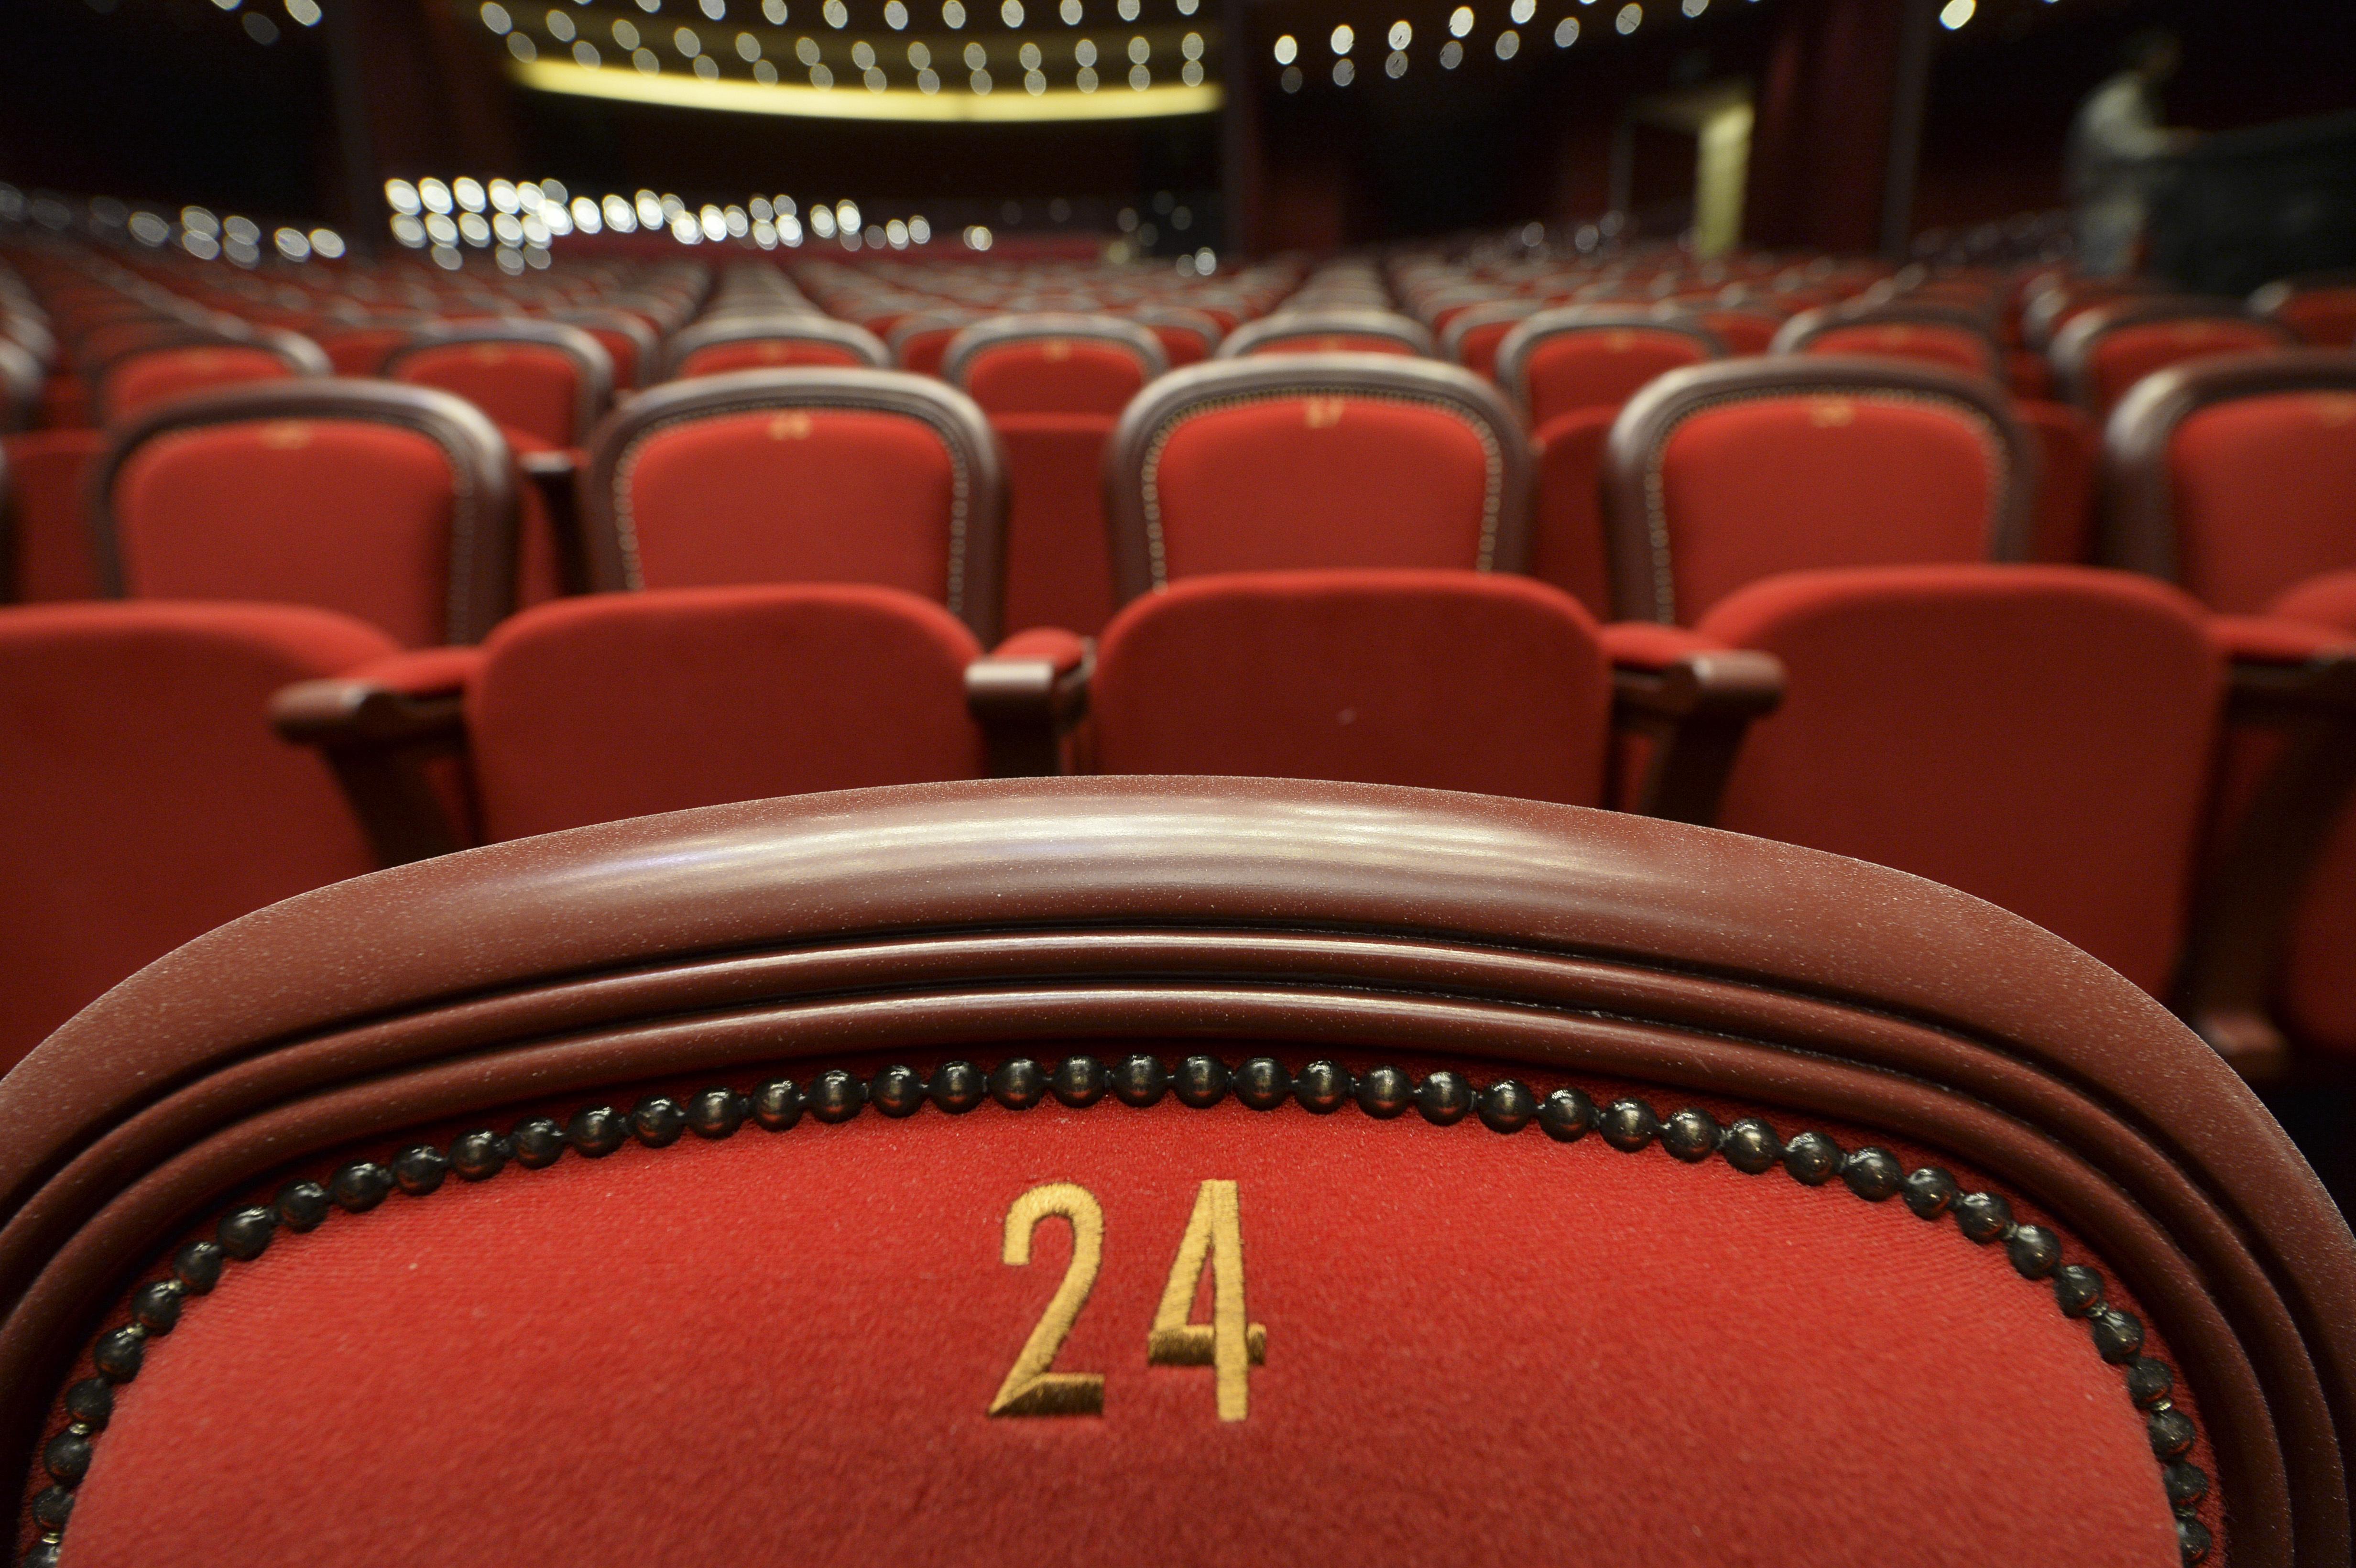 Sălile de spectacole, la 50% din capacitate, în localităţile unde incidenţa e peste 3 cazuri la mie